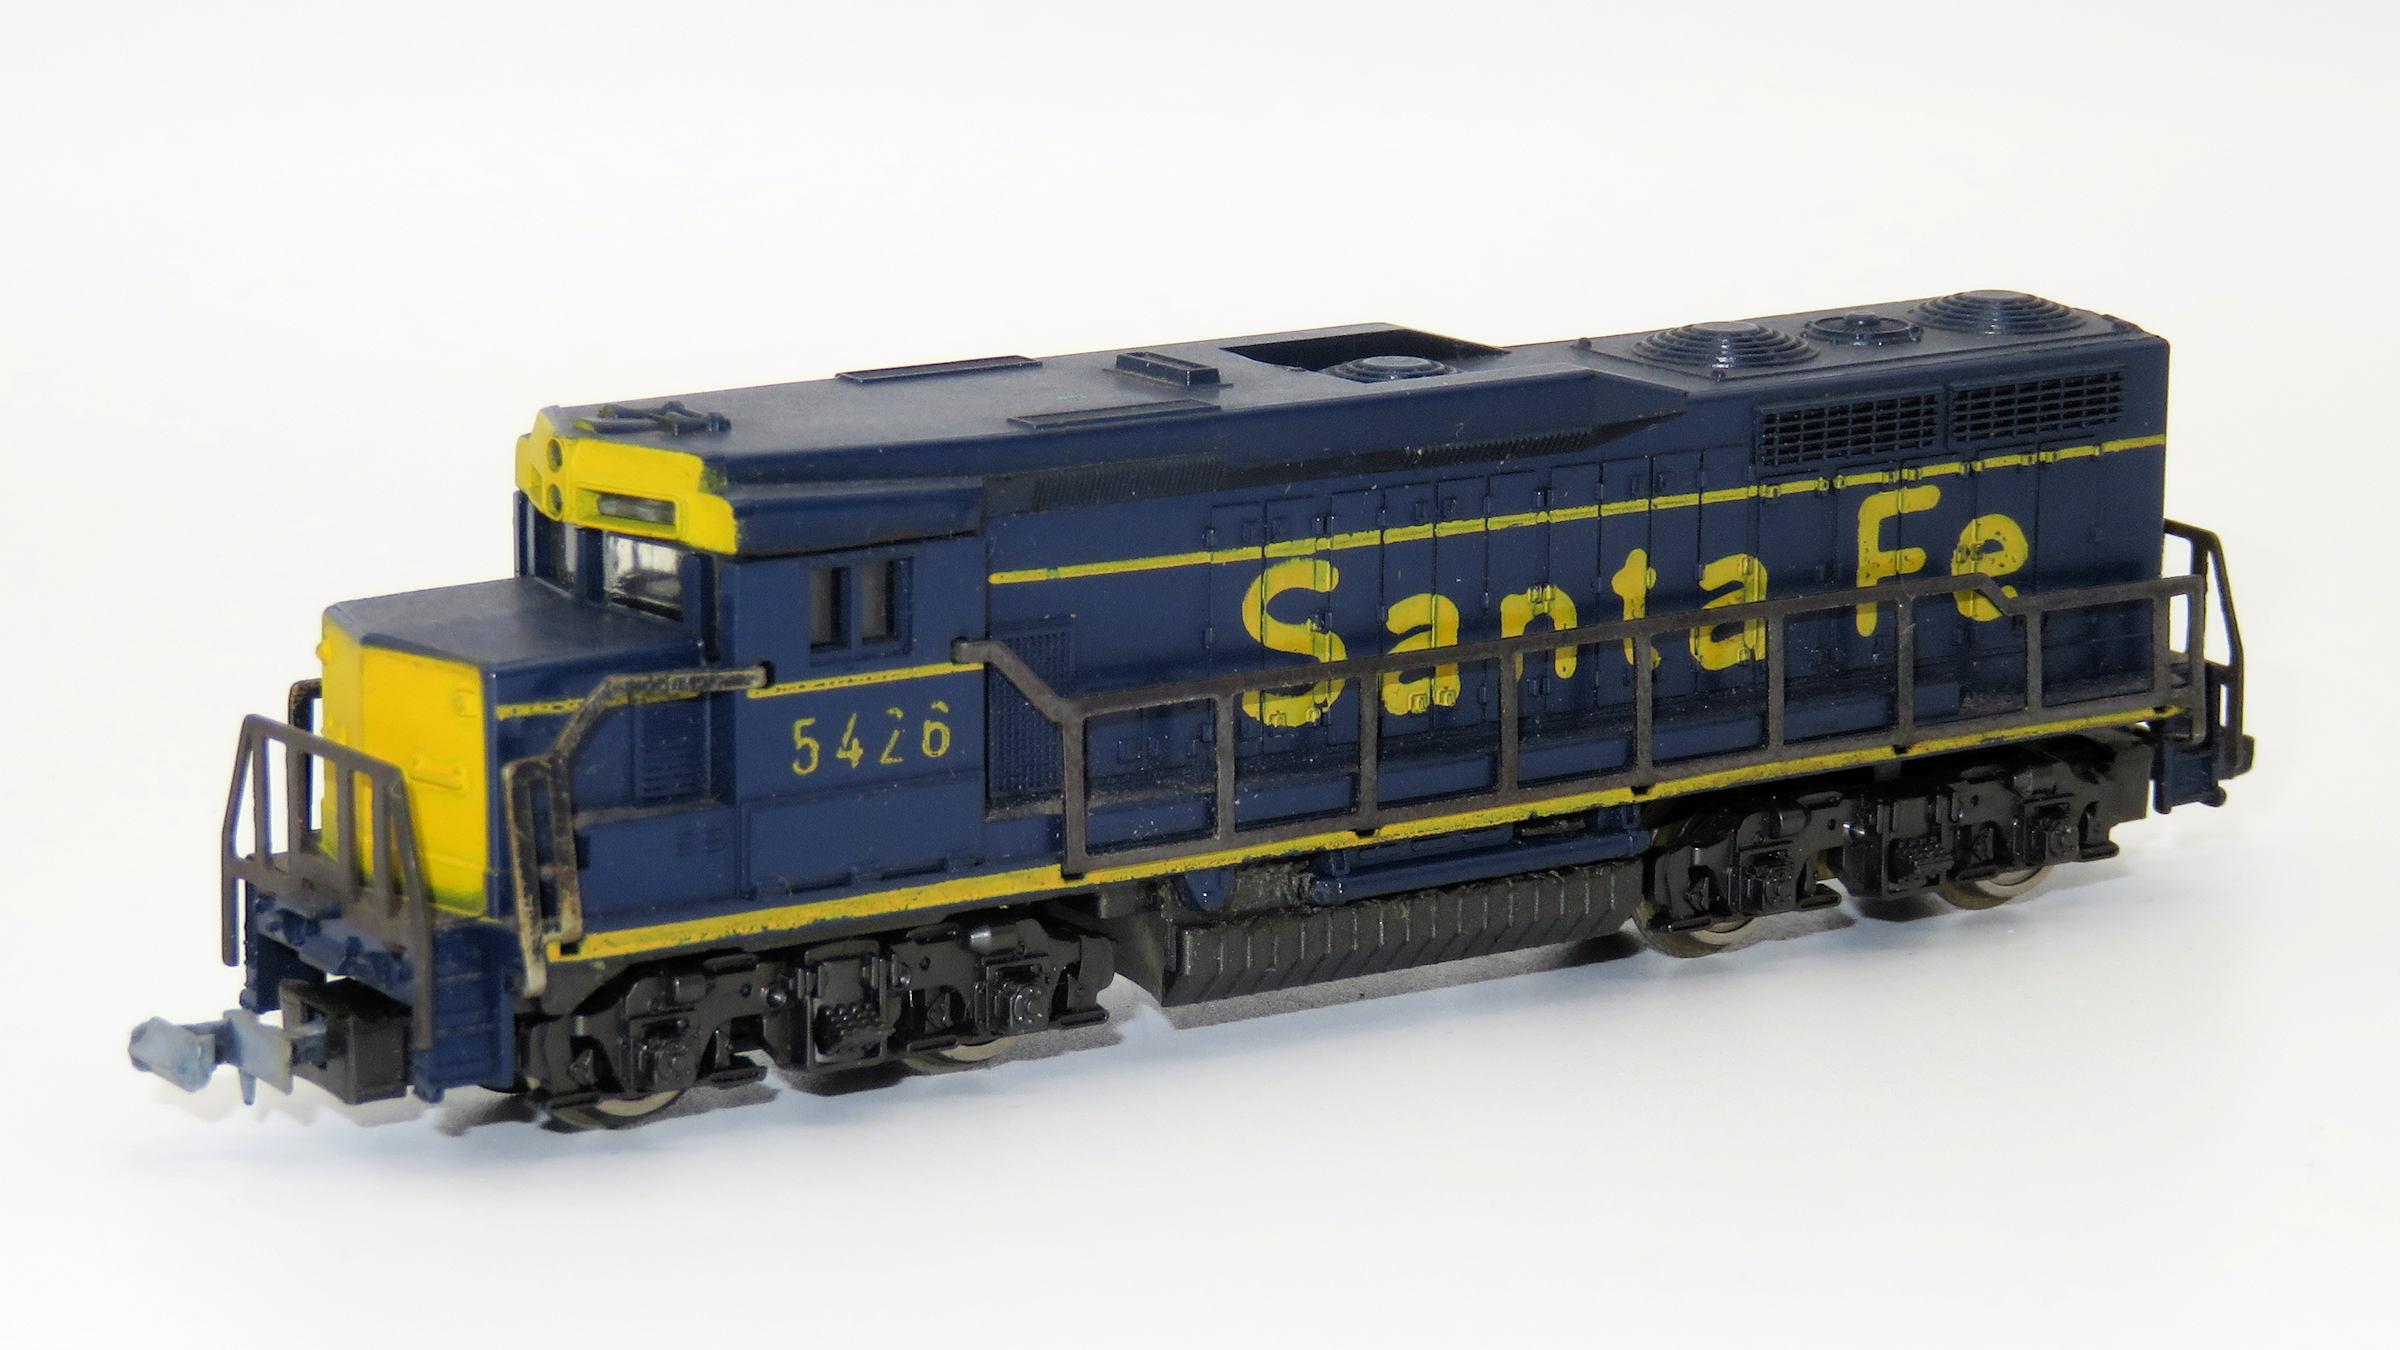 N Scale - Lima - 263 - Locomotive, Diesel, EMD GP30 - Santa Fe - 5426